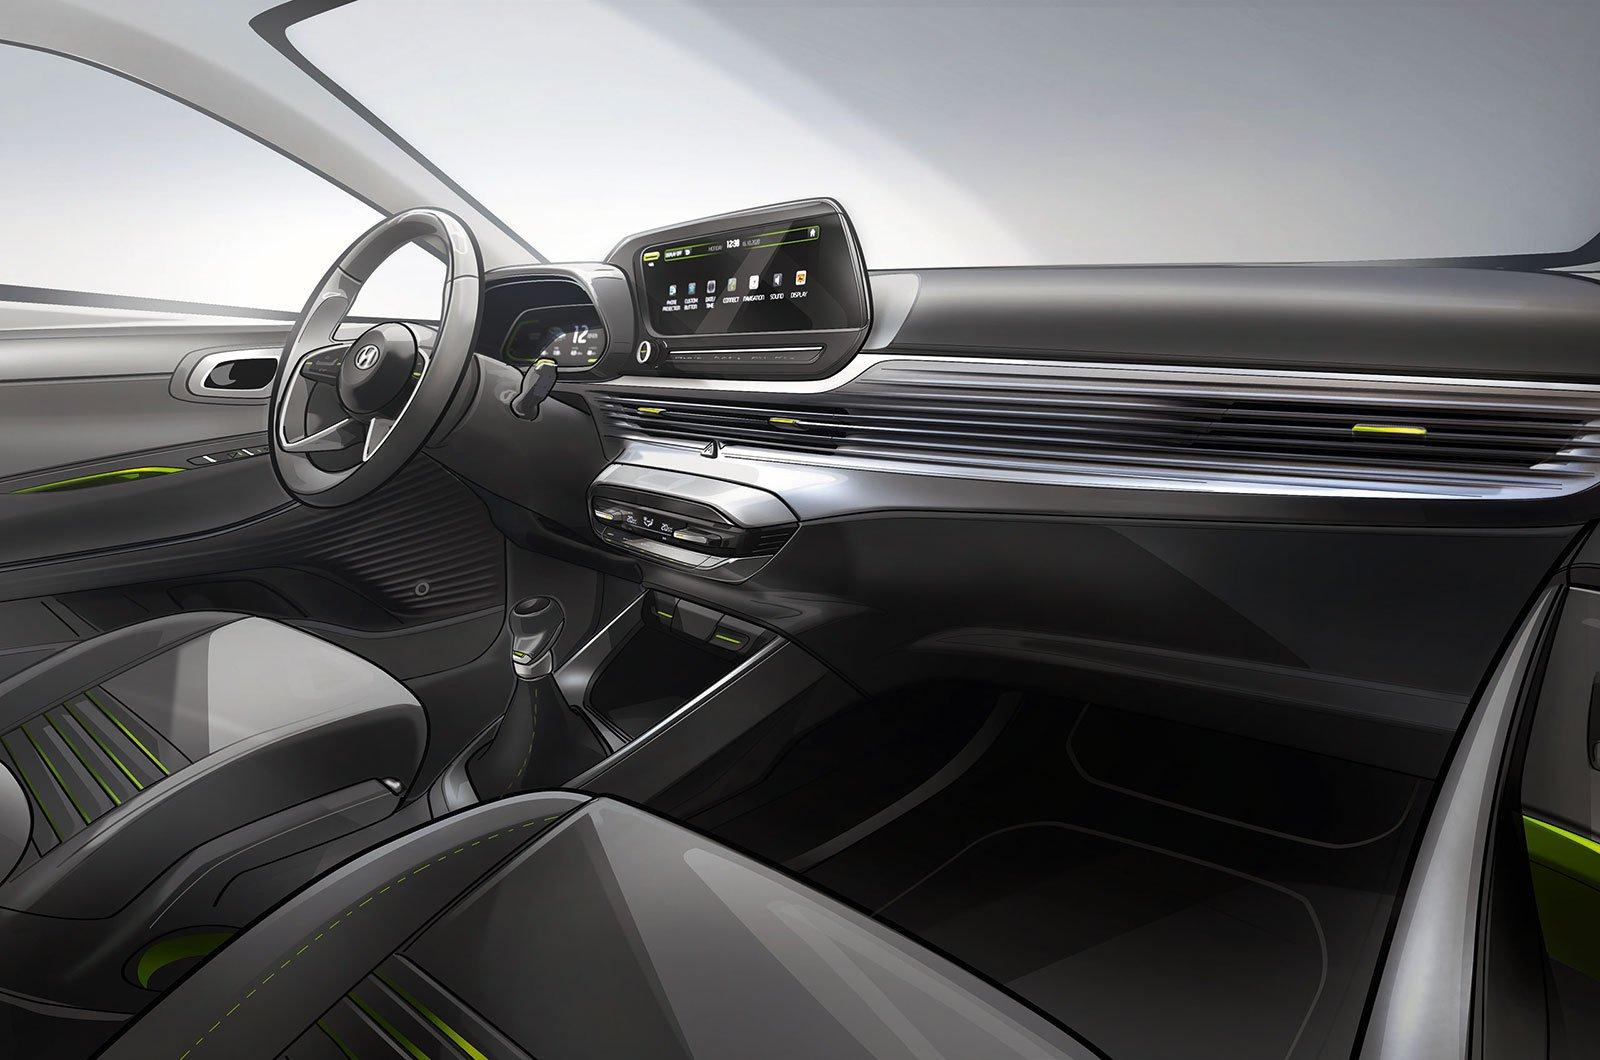 Hyundai i20 interior sketch